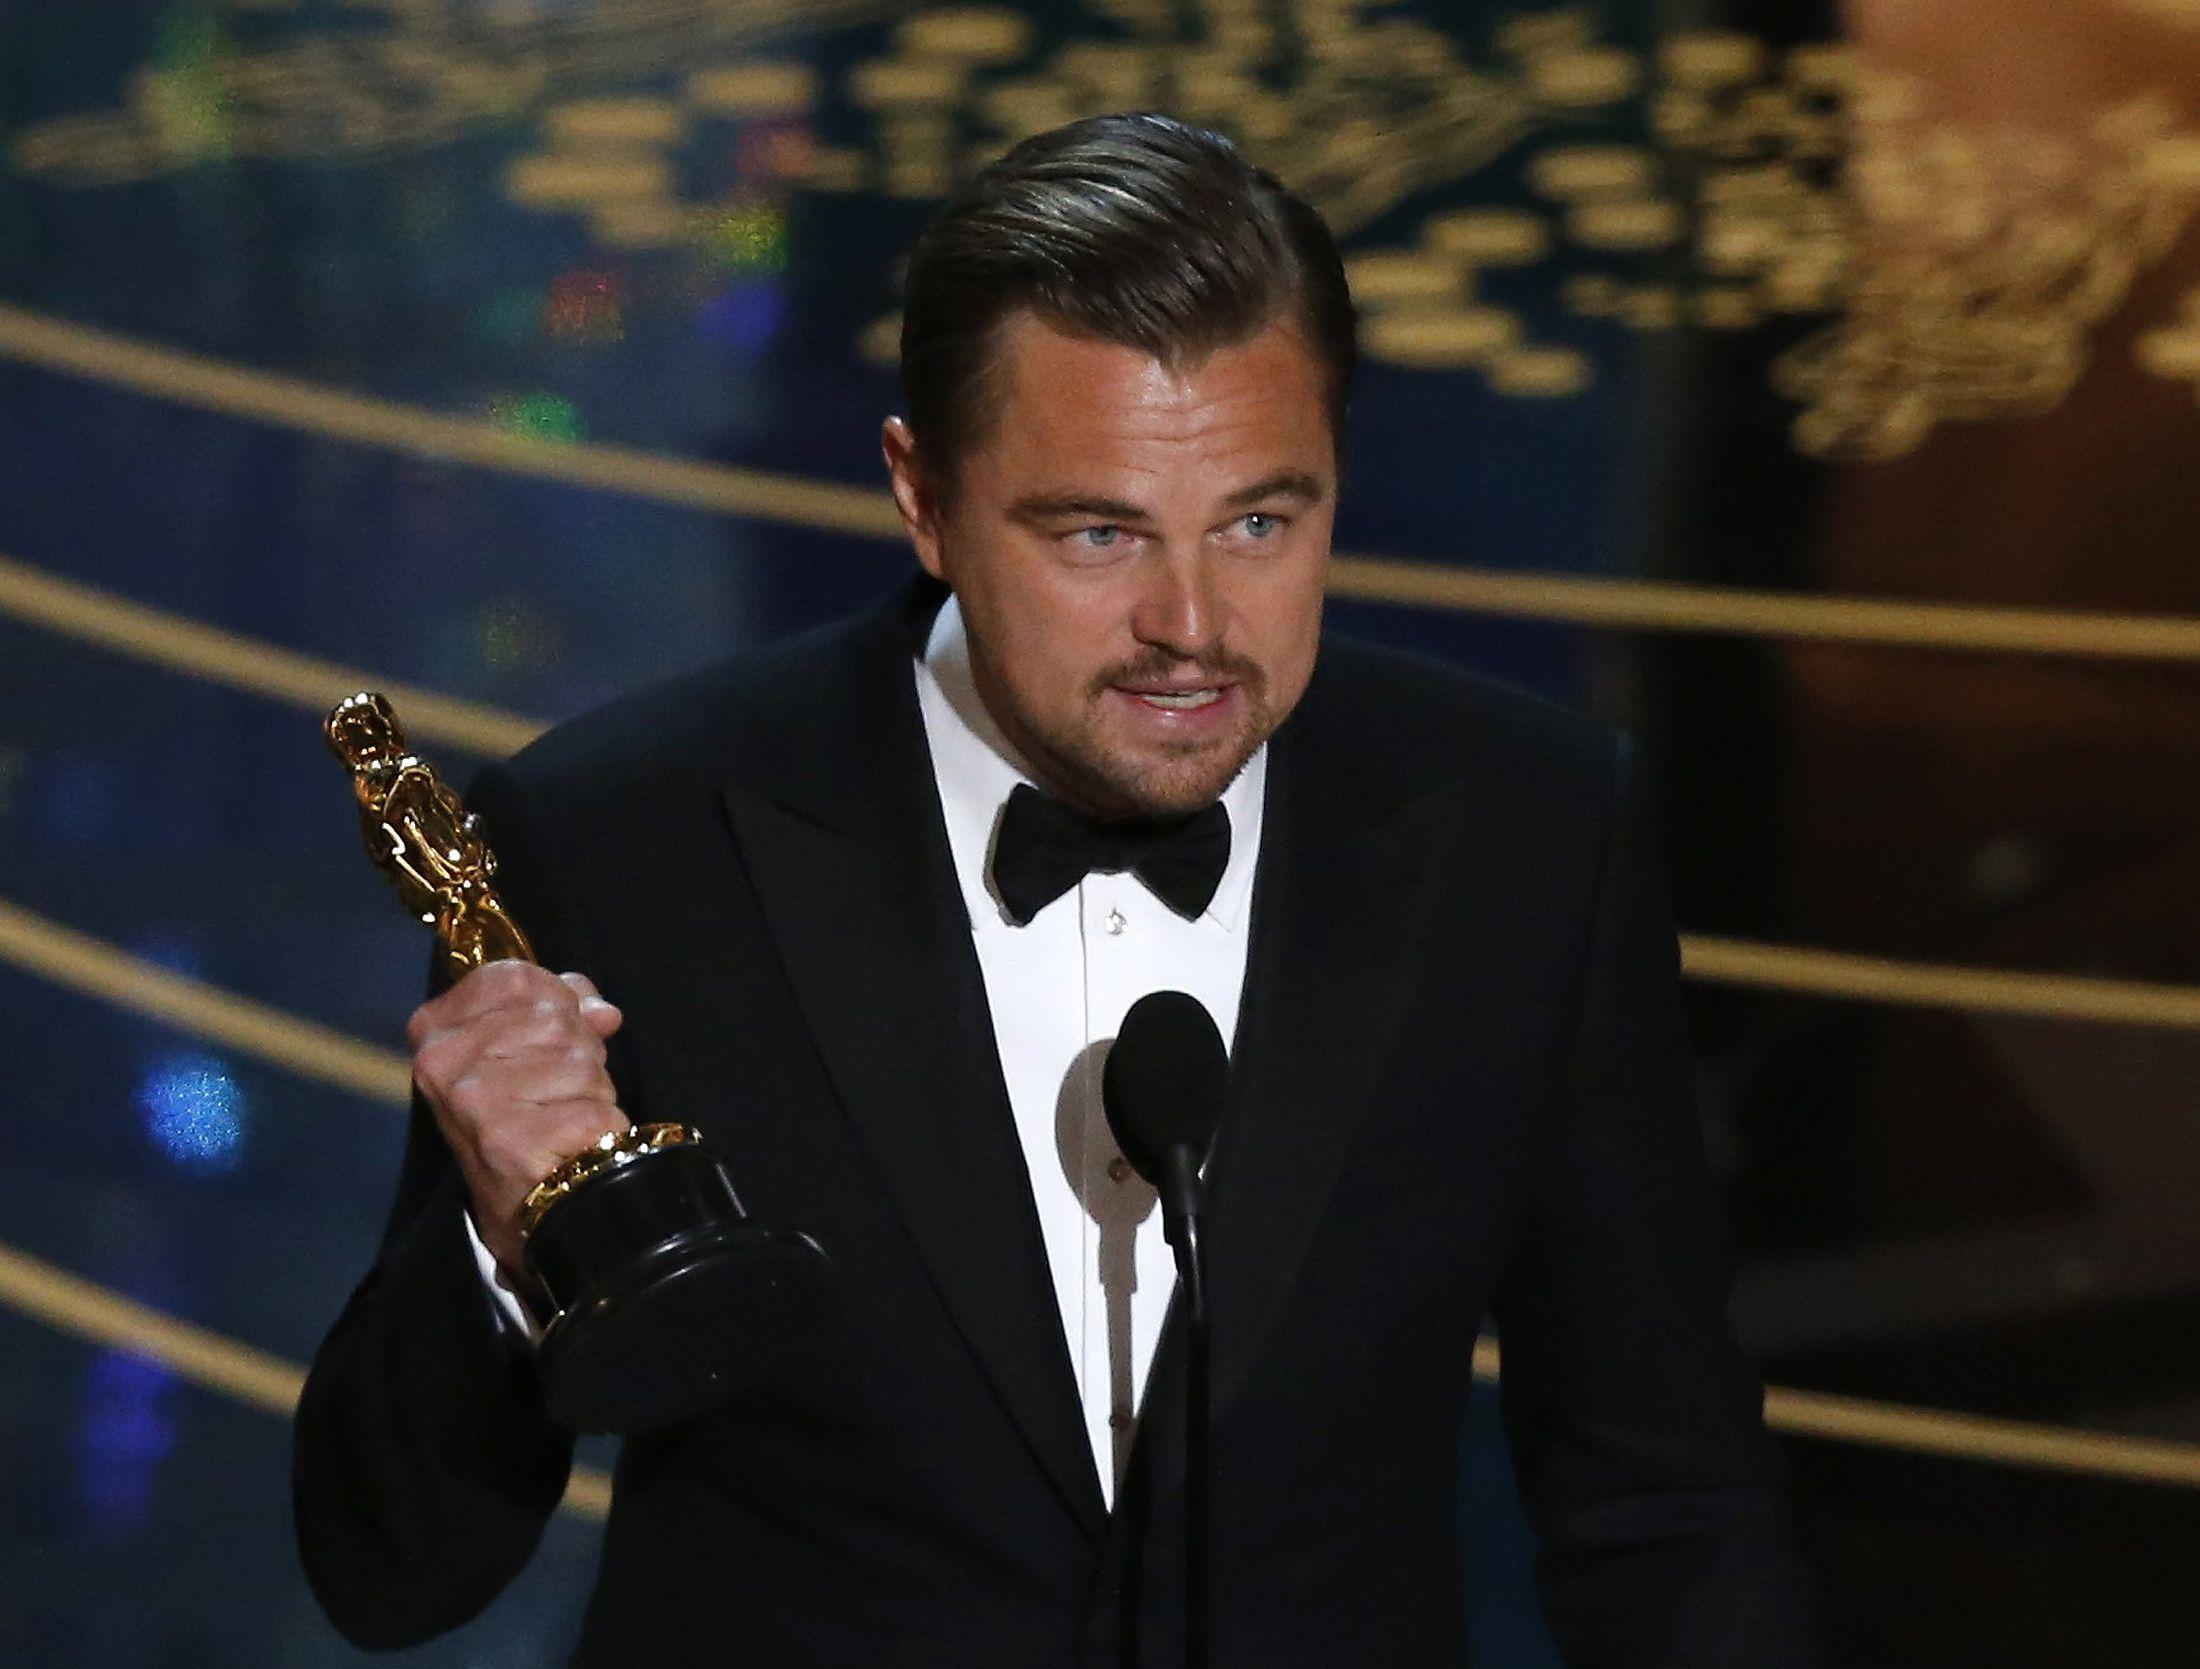 Leonardo DiCaprio wins Oscar